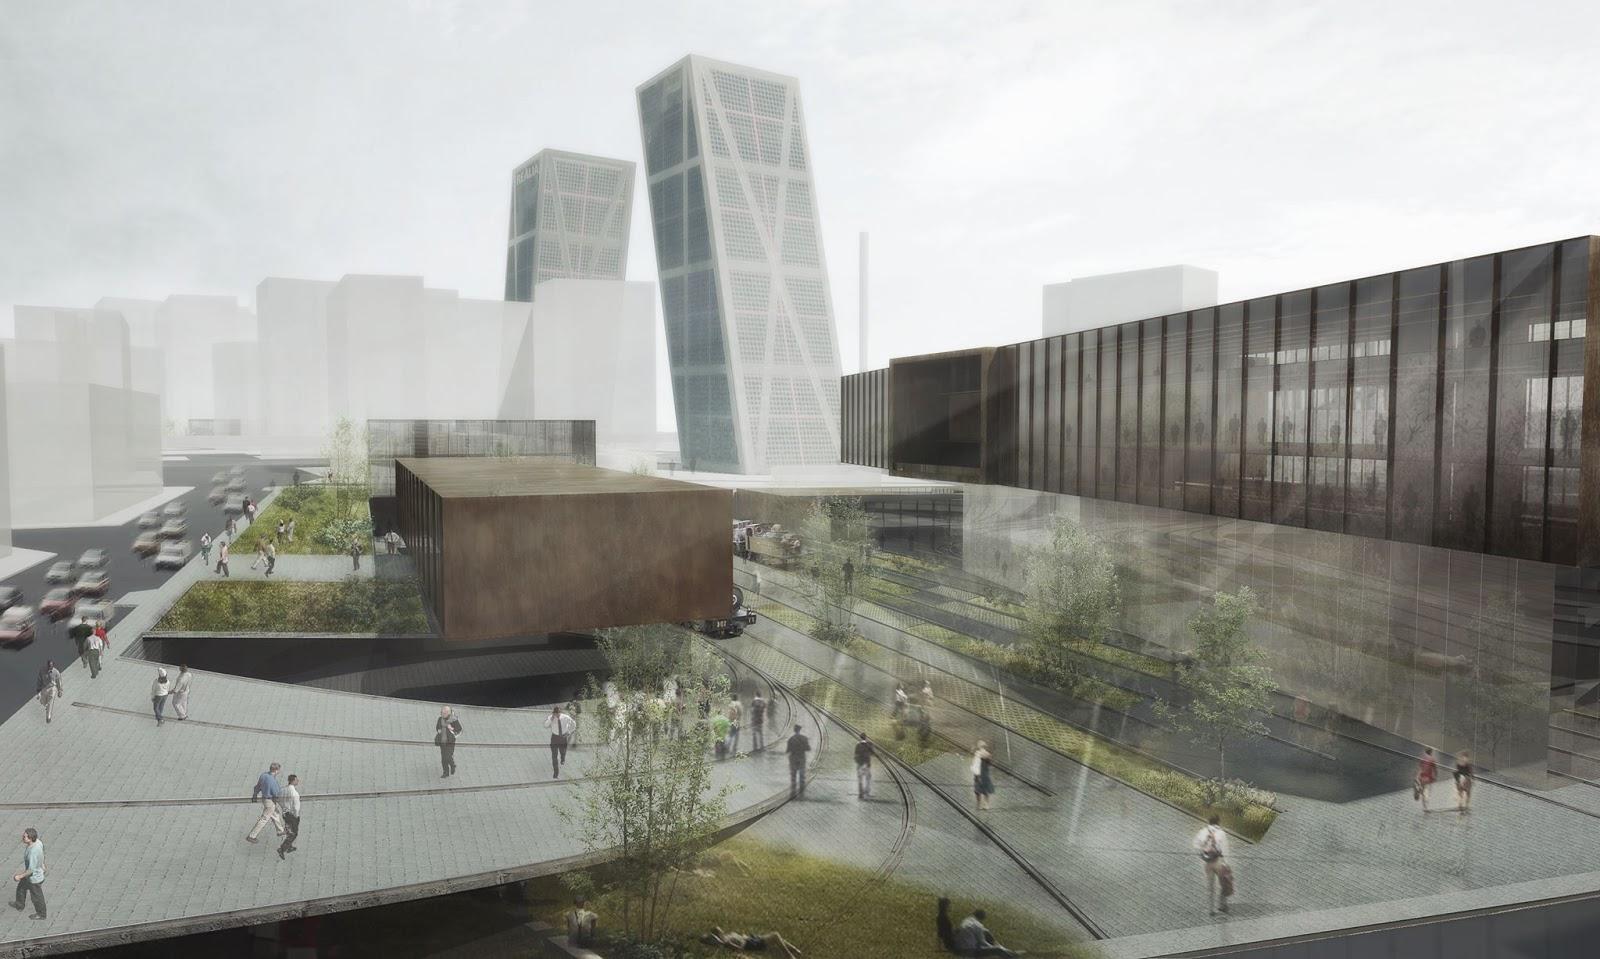 Arquitectos argentinos smf o la coherencia de un perfil - Torres kio arquitecto ...